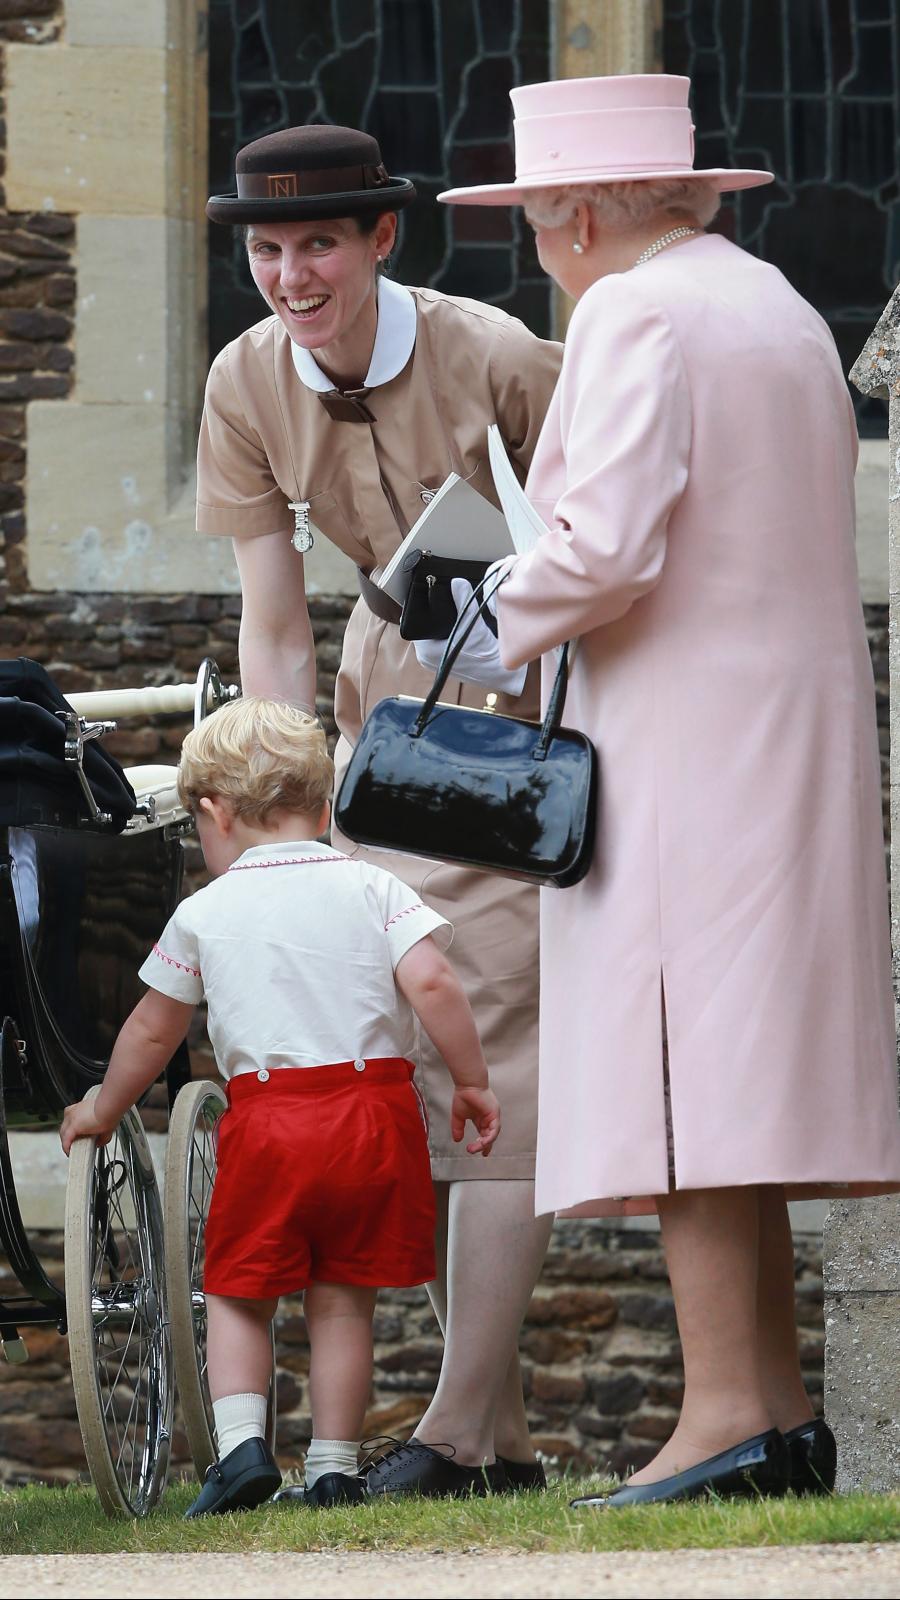 La nounou Norland Maria Teresa Turrion Borrallo, qui s'occupe des enfants Cambridge, photographiée avec la princesse Charlotte, le prince George et la reine.